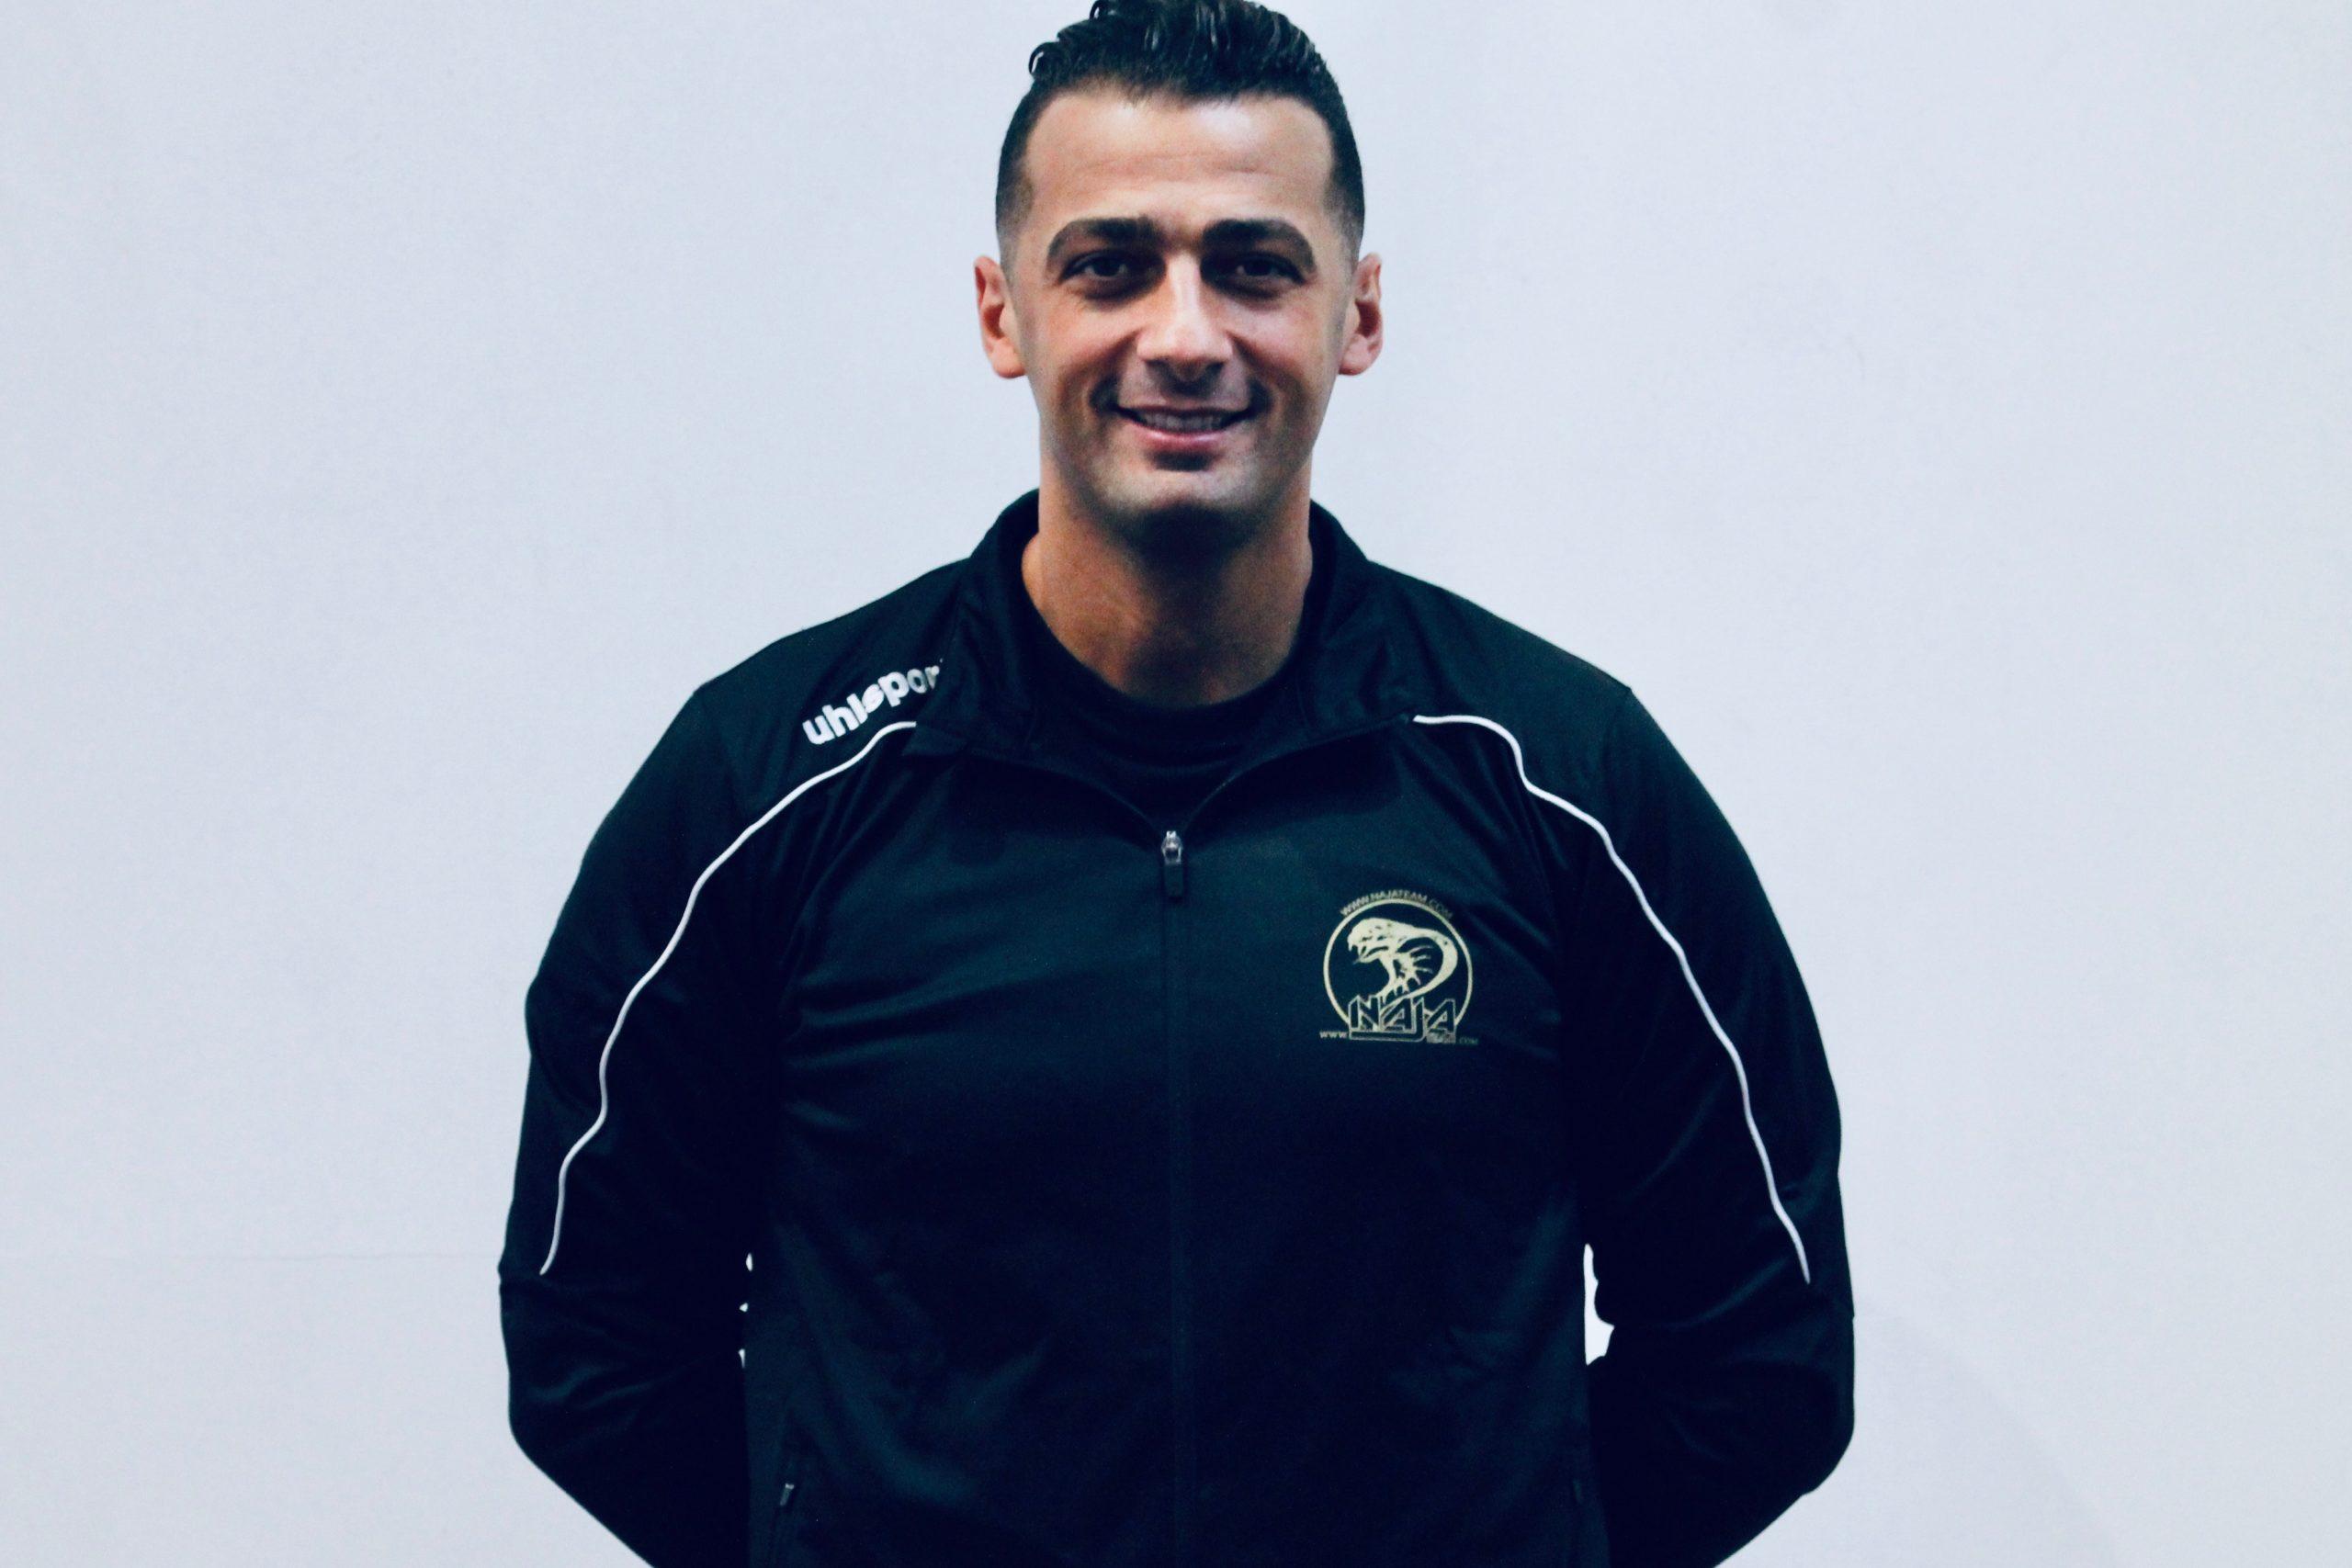 Mohamed - Coach de boxe anglaise - Naja Team